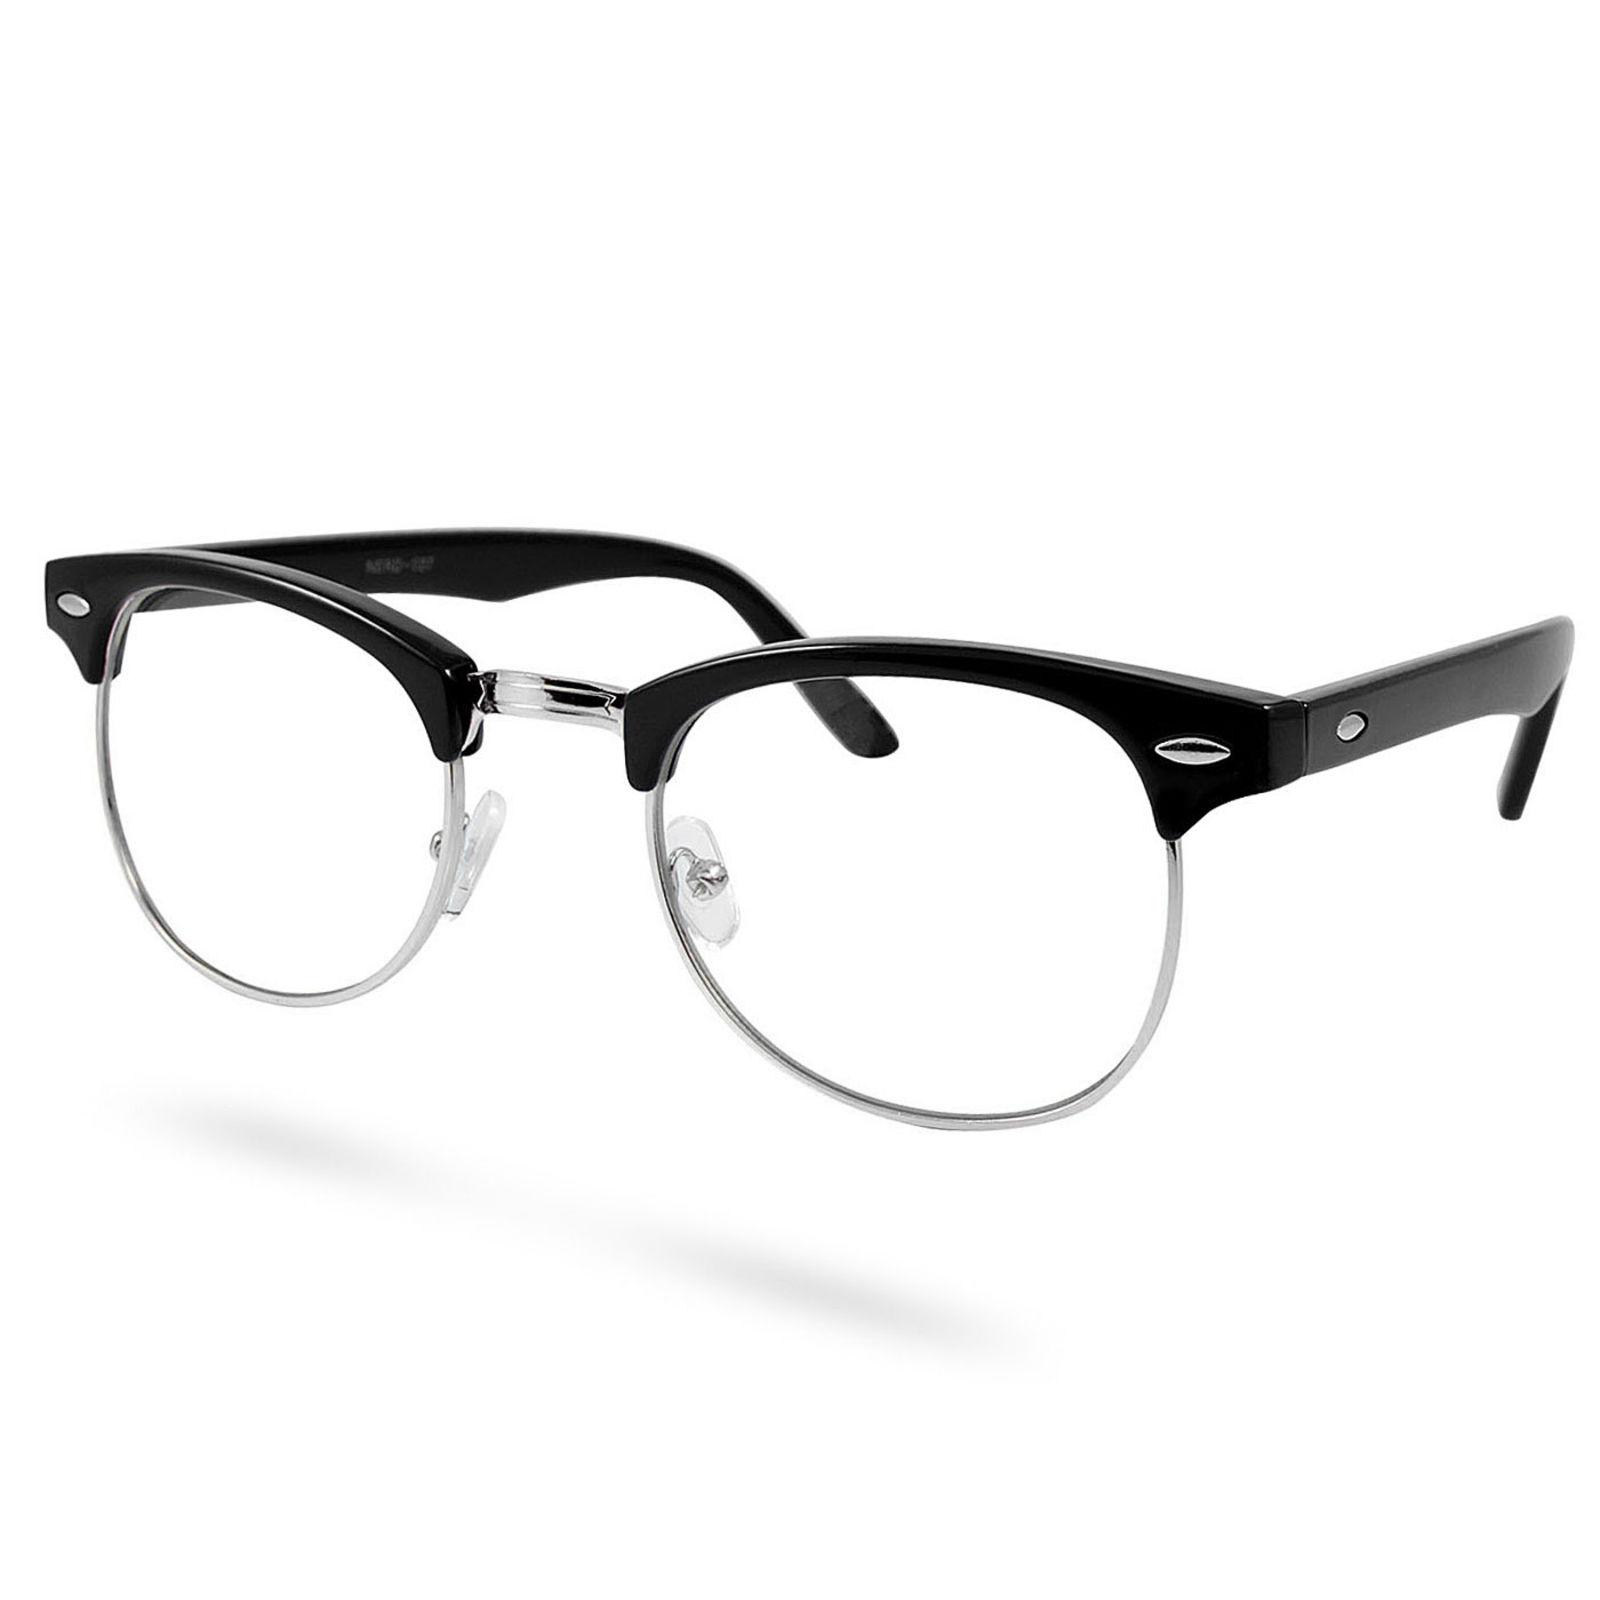 EverShade Čierno-strieborné vintage okuliare s čírymi sklami - Glami.sk dab56d49ae0